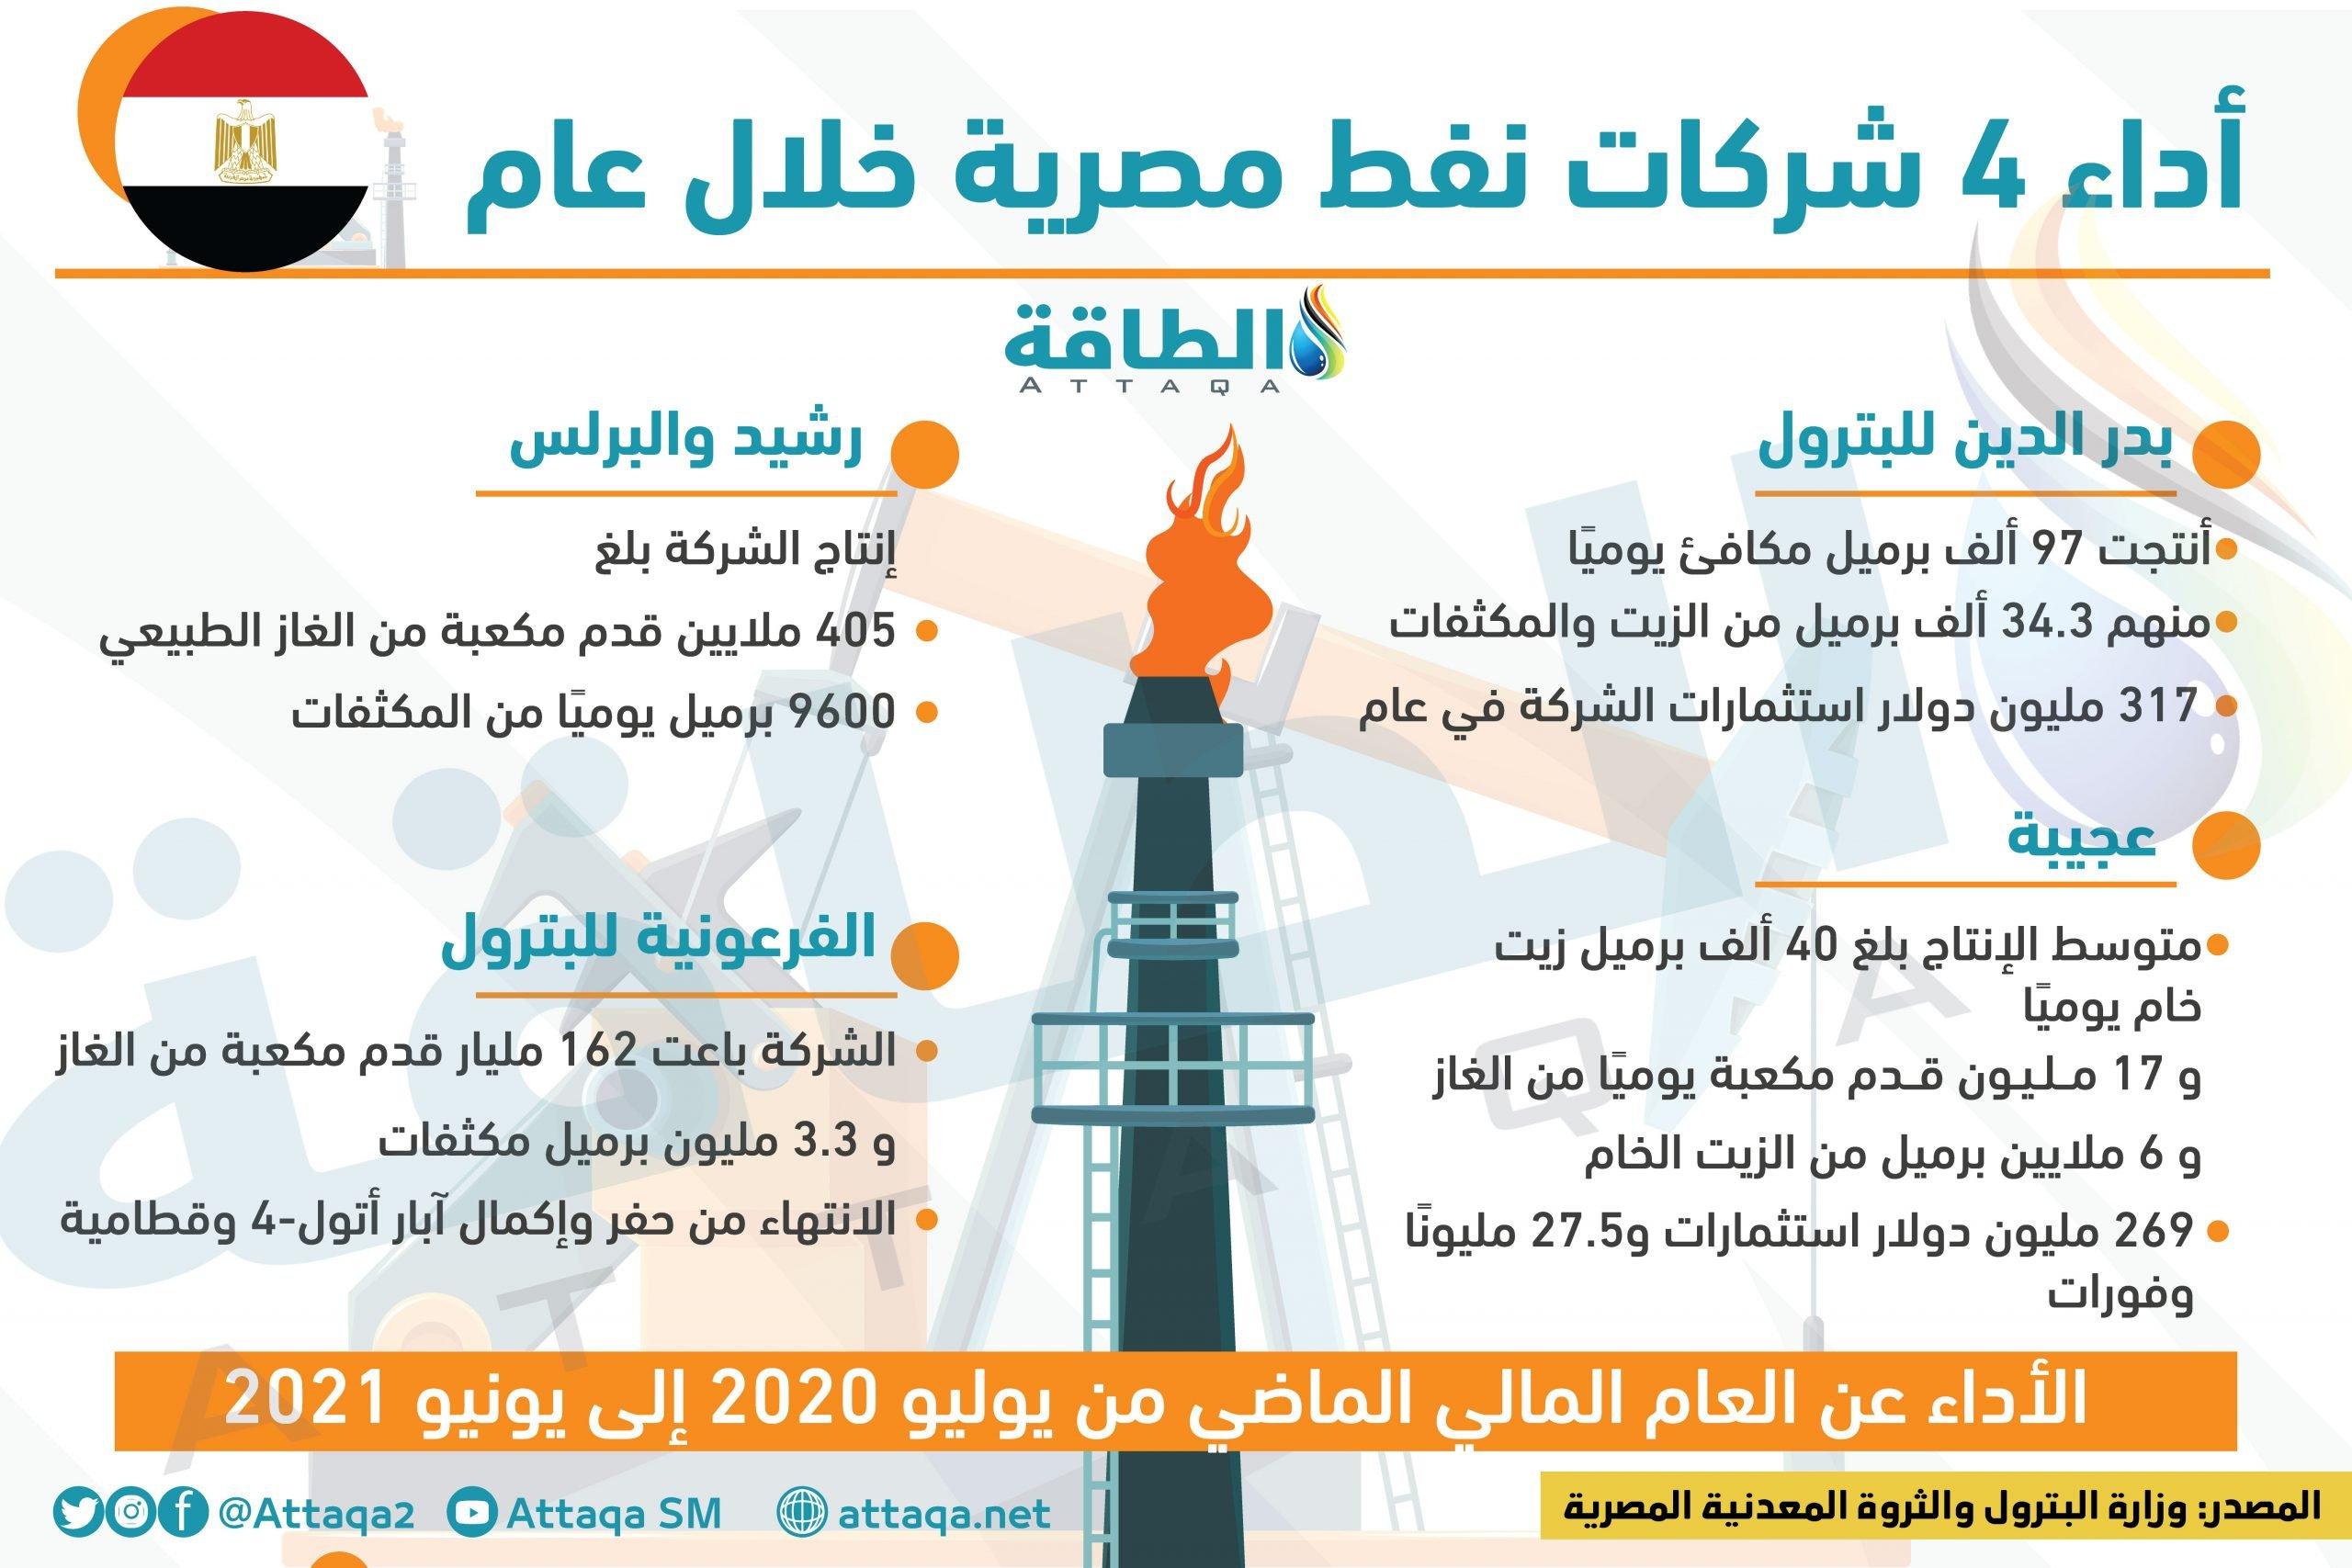 شركات نفط - مصر